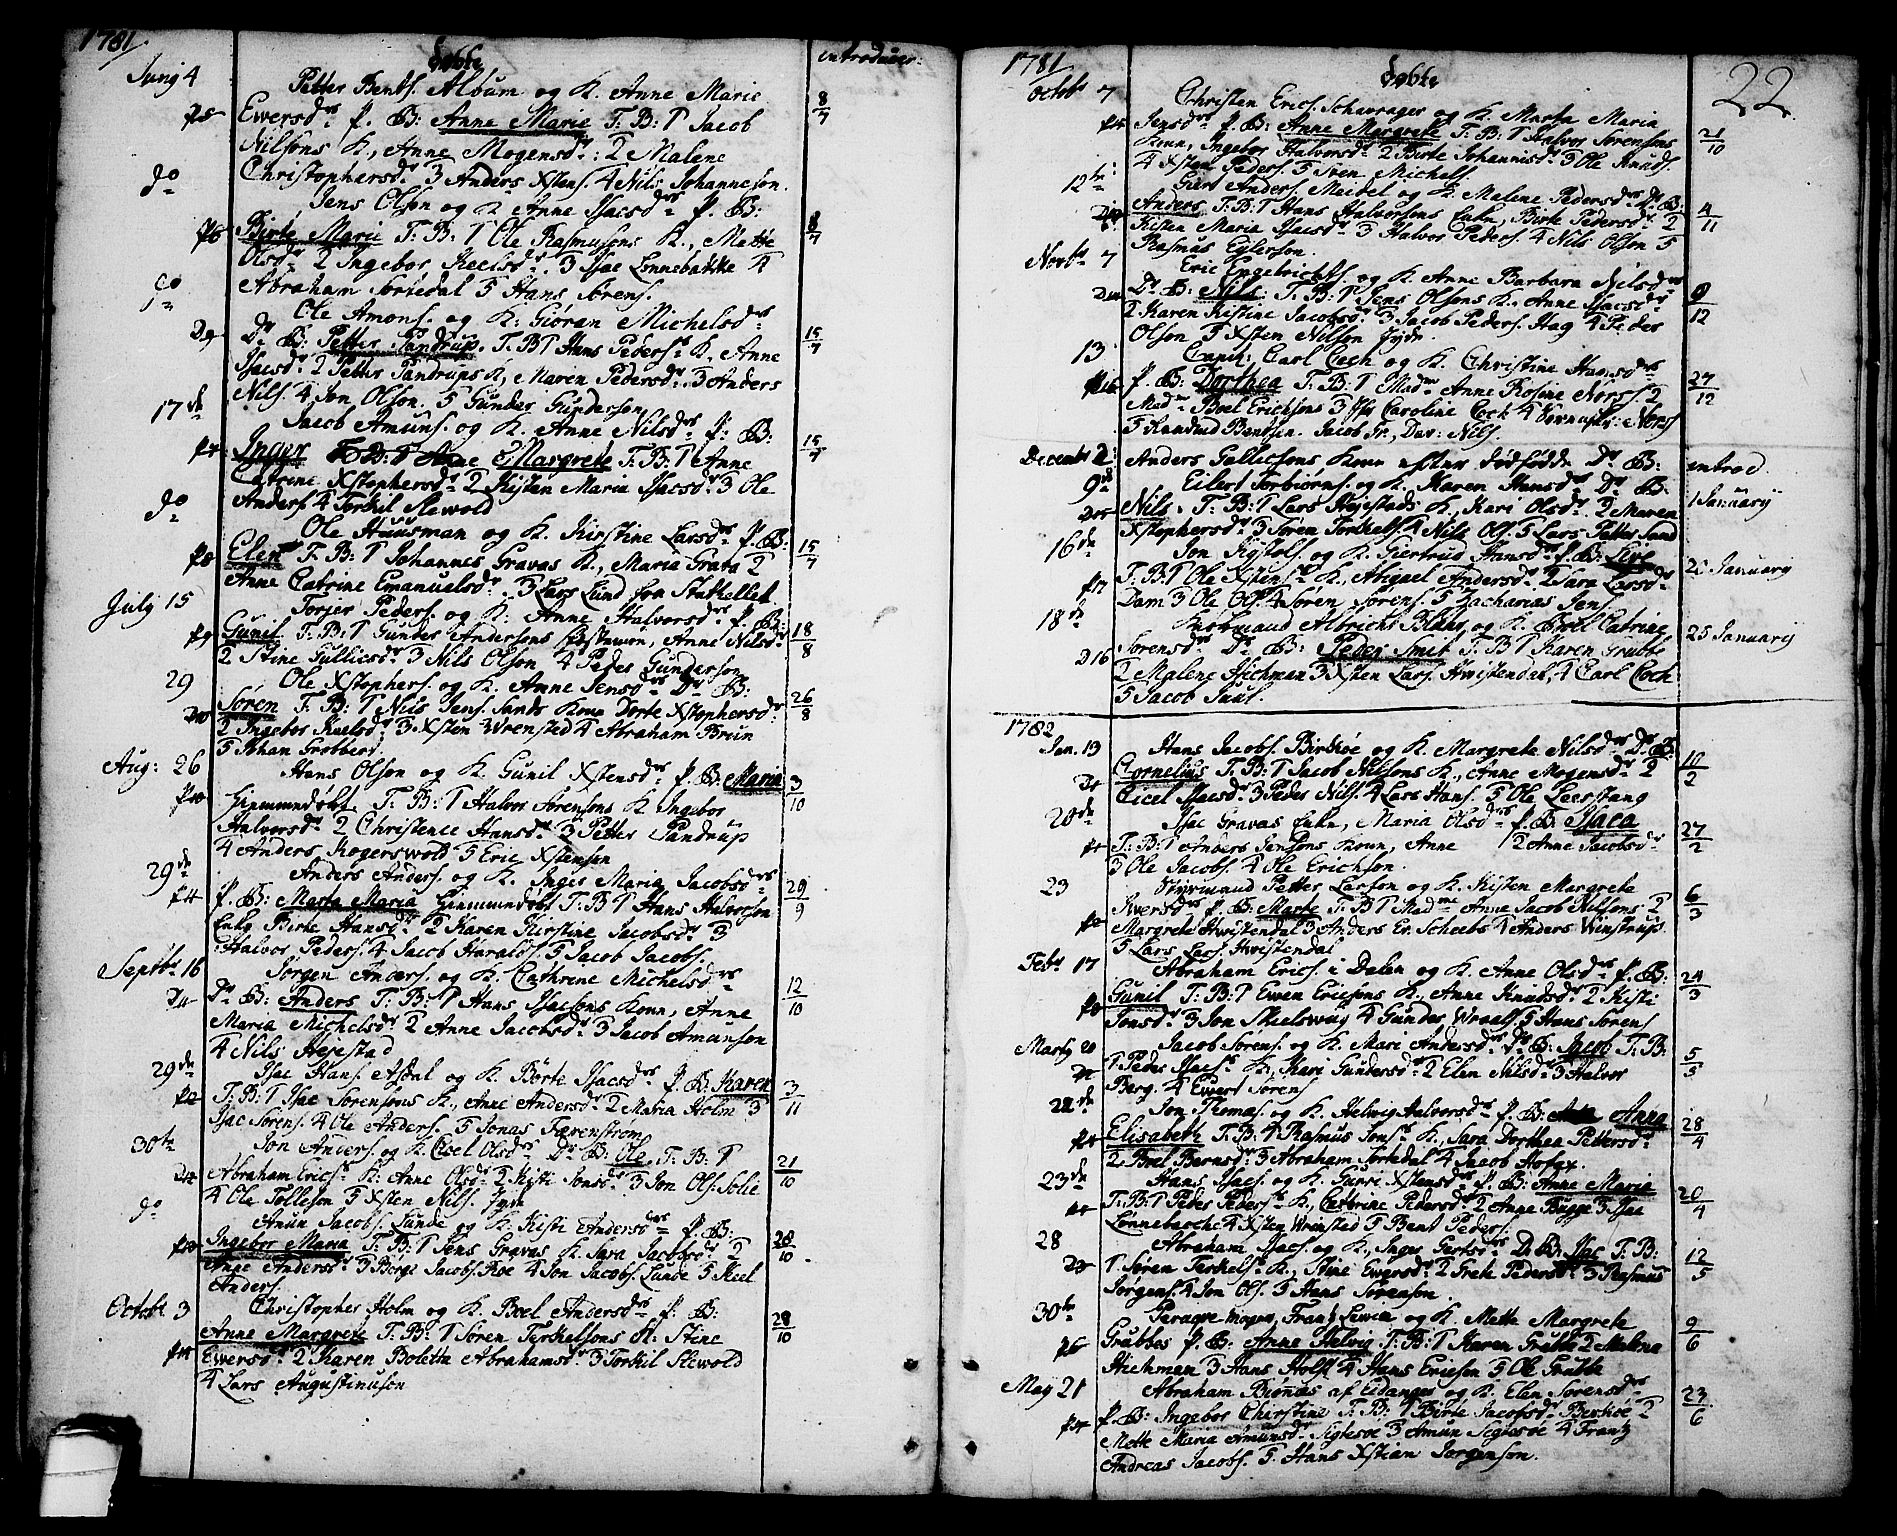 SAKO, Brevik kirkebøker, F/Fa/L0003: Ministerialbok nr. 3, 1764-1814, s. 22